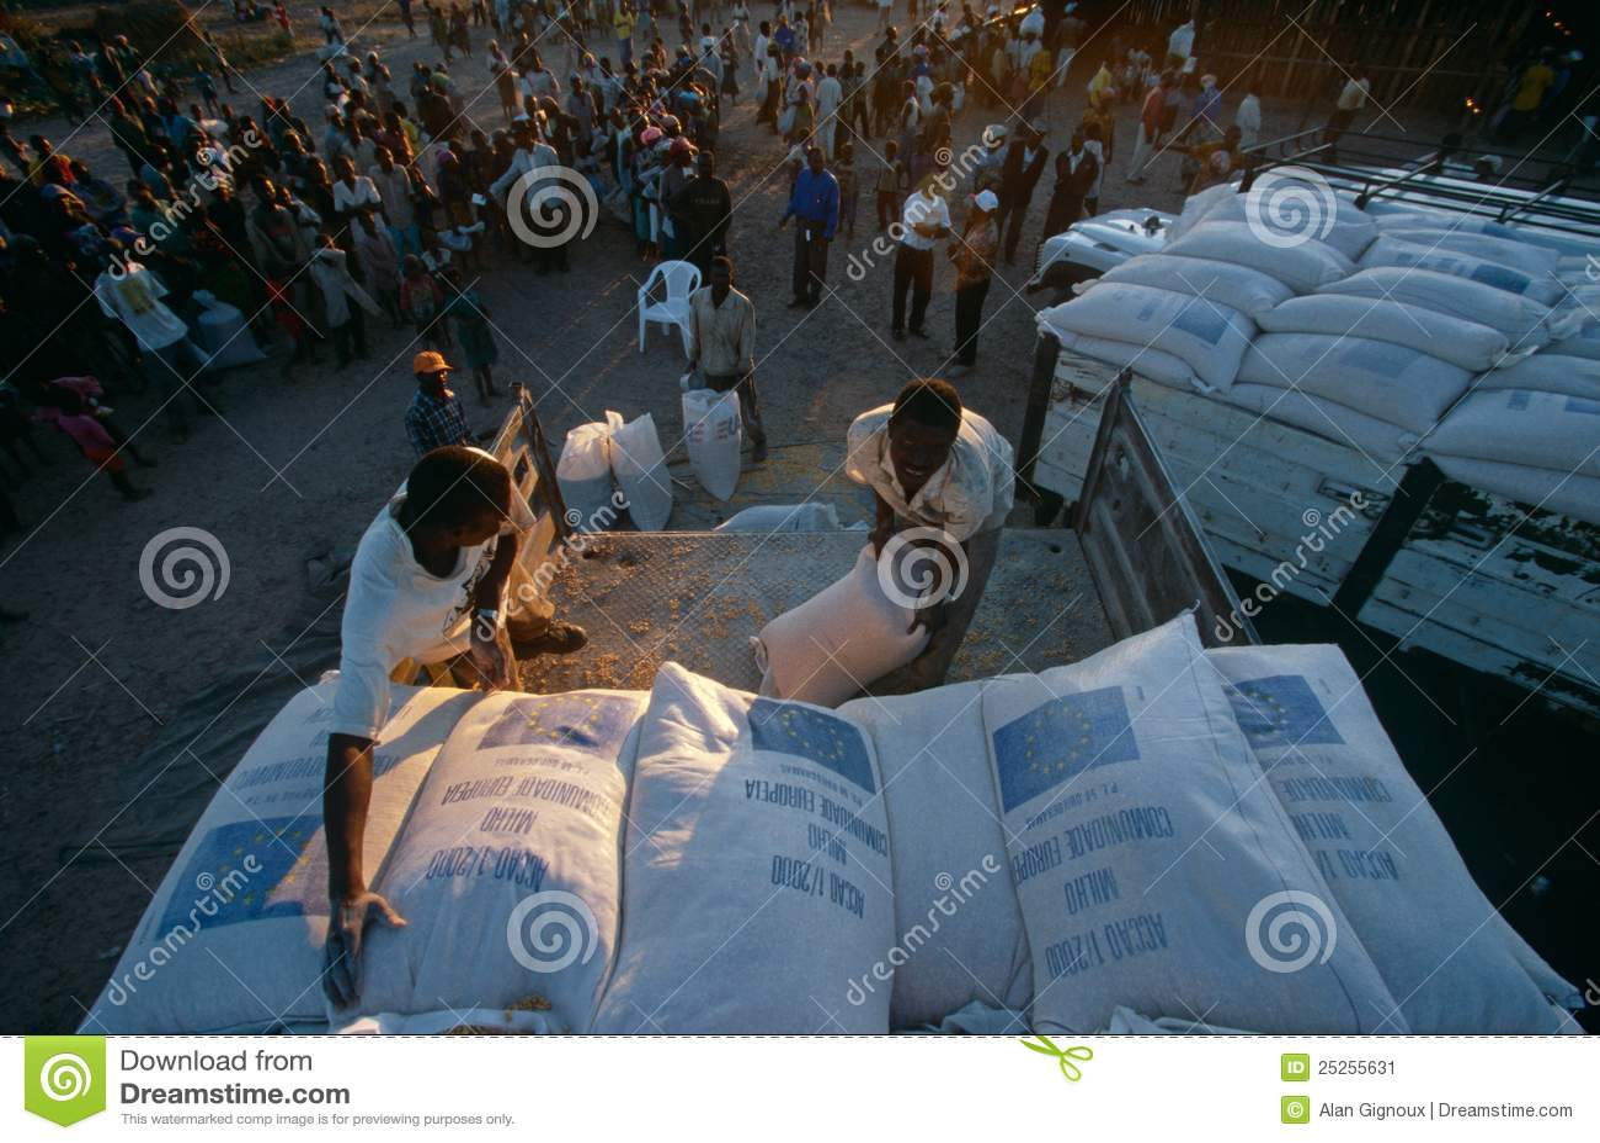 Approvisionnements d allégement pour les personnes déplacées en Angola